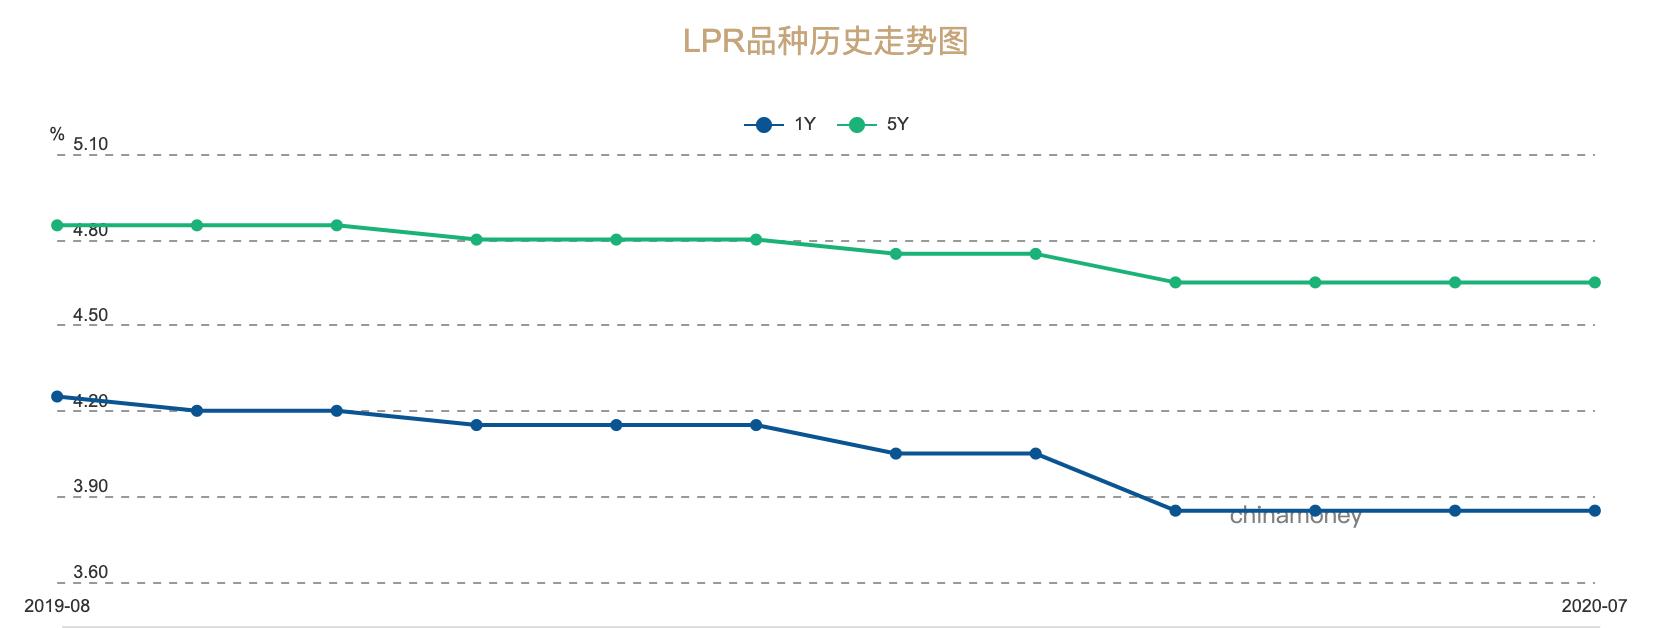 """LPR连续三月维持不变 央行将把""""点差""""纳入MPA考核"""